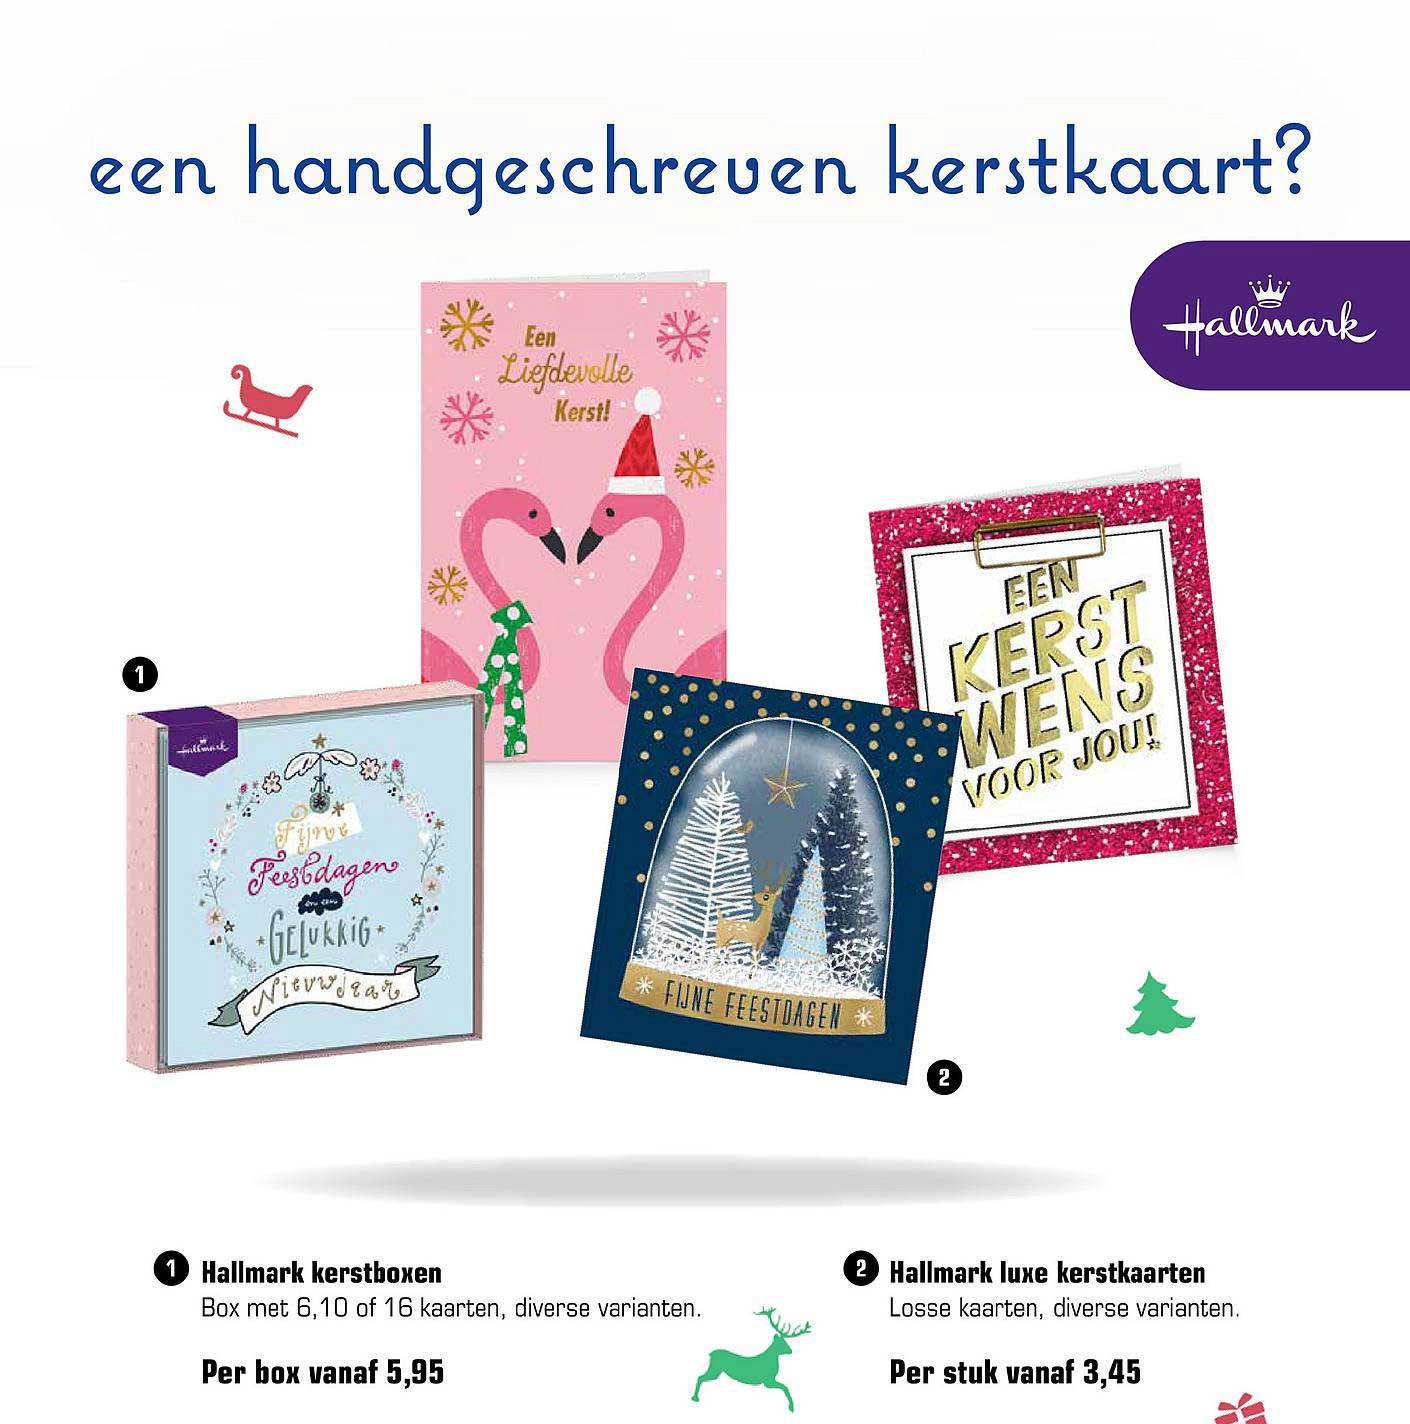 Primera Hallmark Kerstboxen En Hallmark Luxe Kerstkaarten